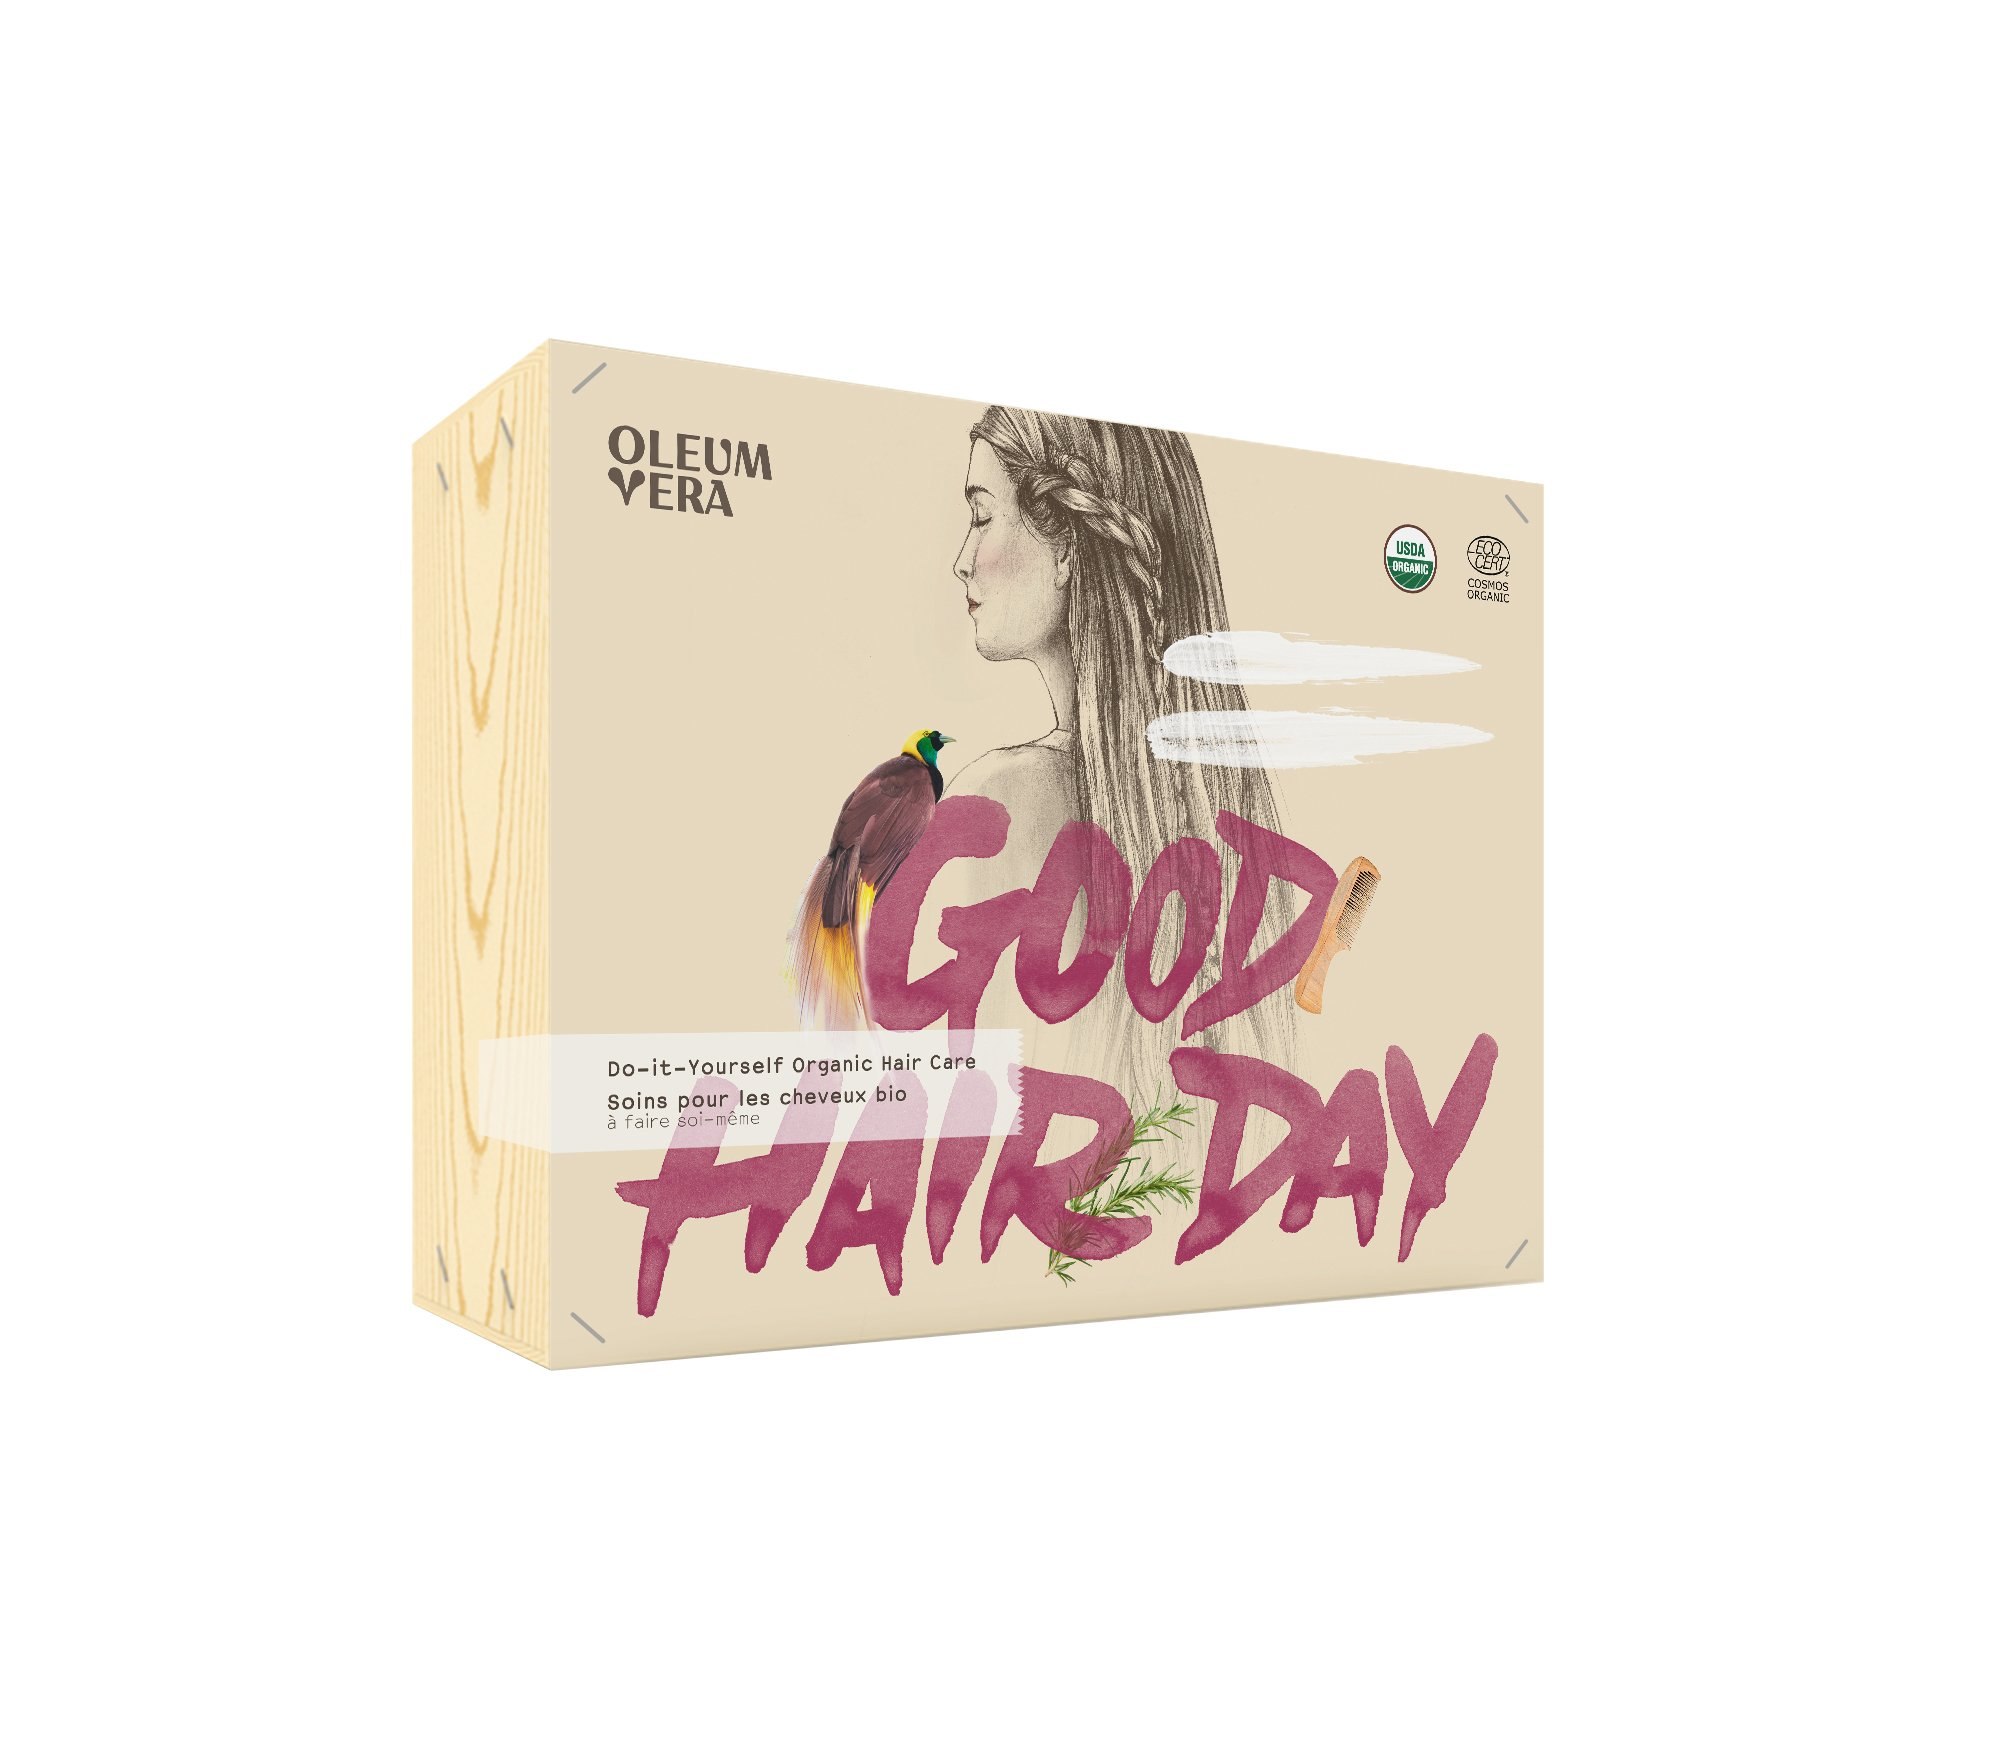 Cliquez ici pour acheter Coffret à faire soi-même – Soins Biologiques pour Cheveux (D.I.Y.)